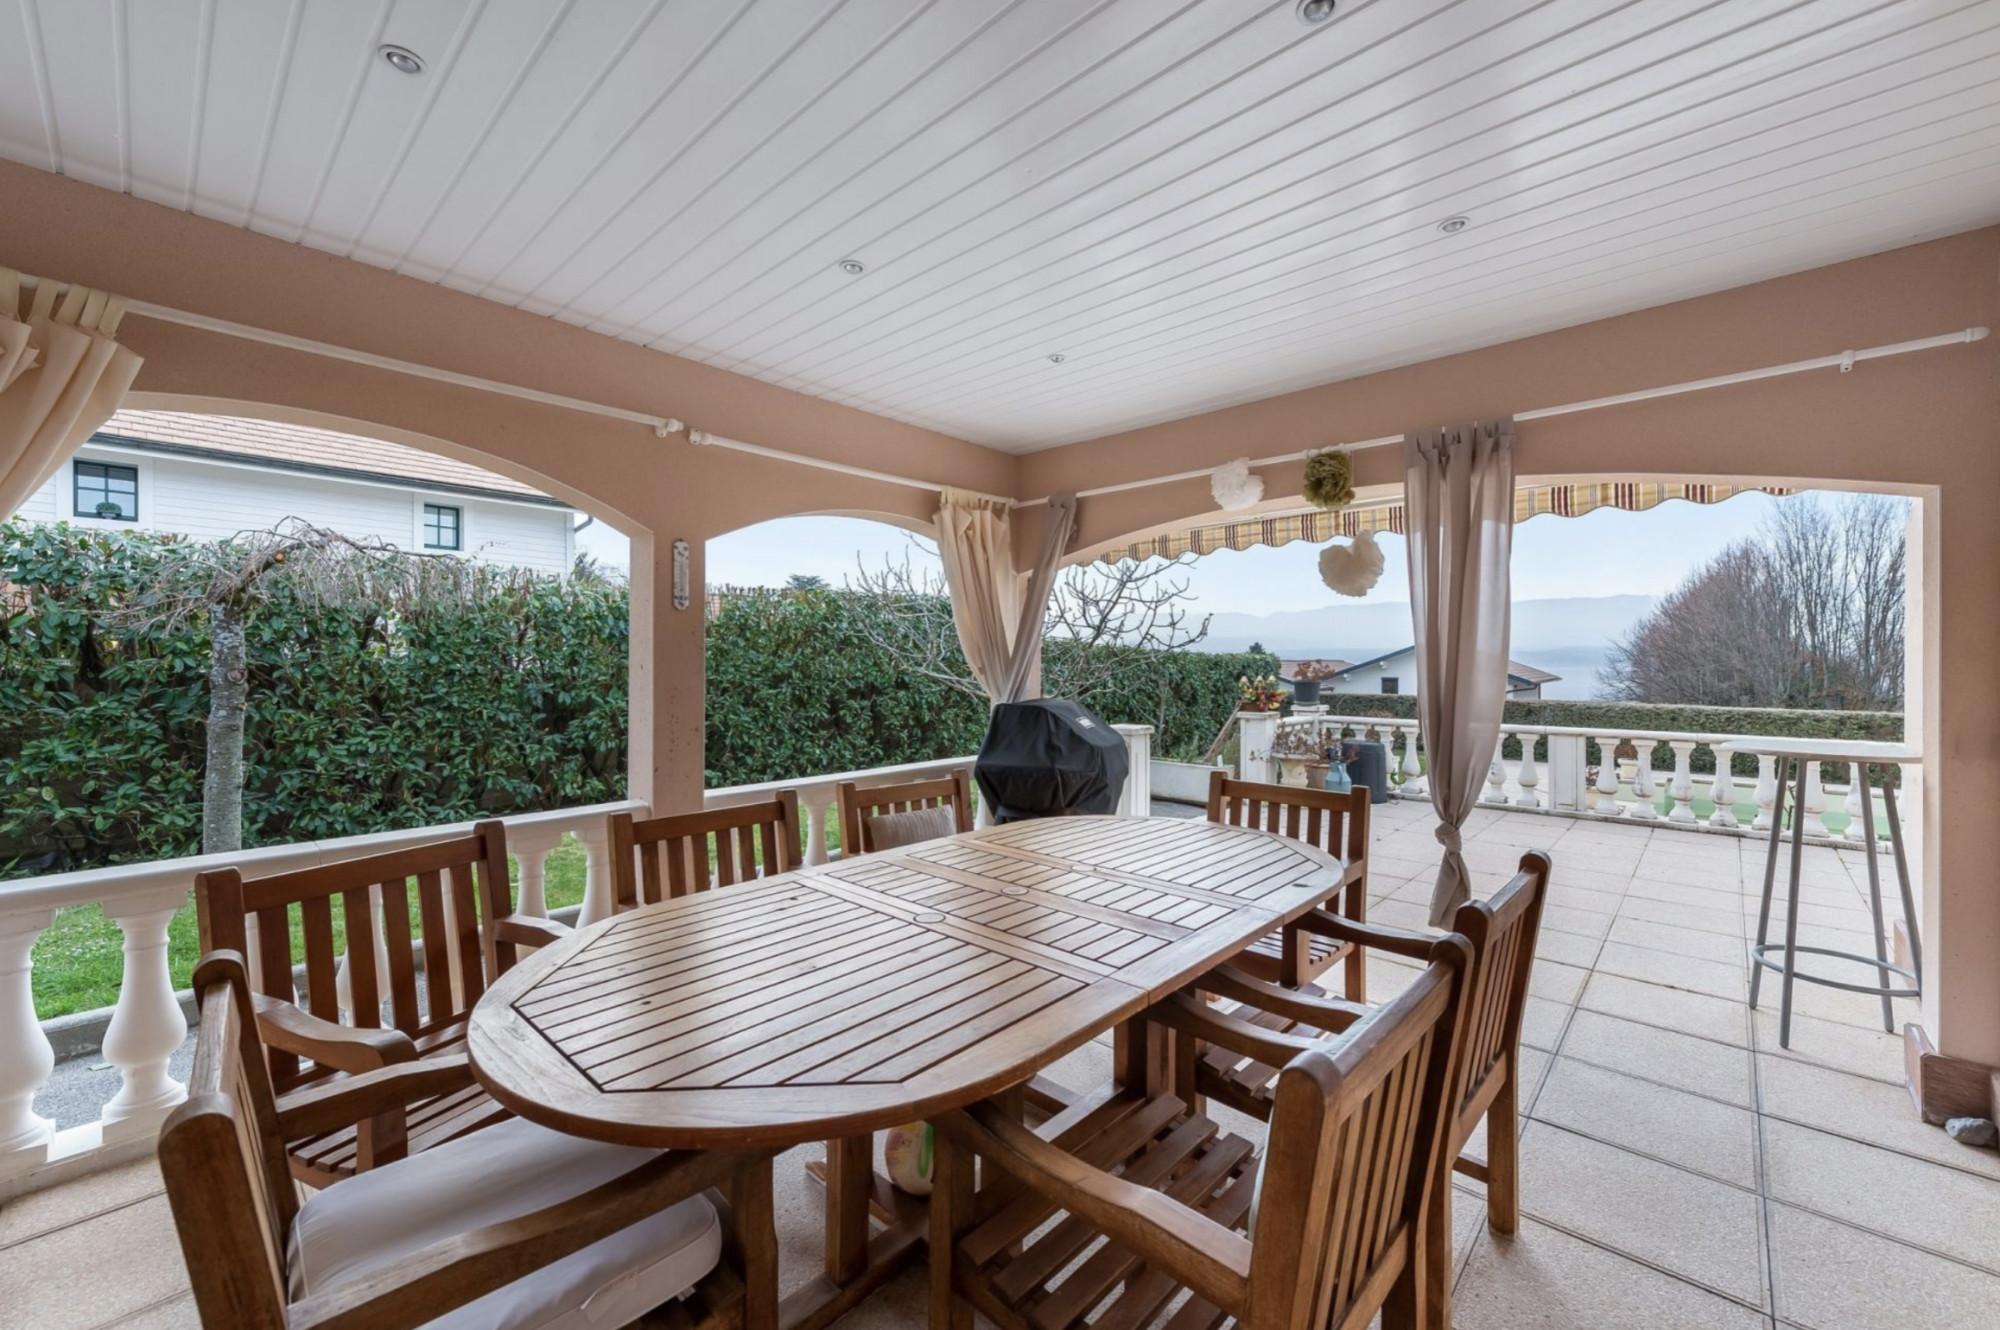 недвижимость дом с видом на женевское озеро франция